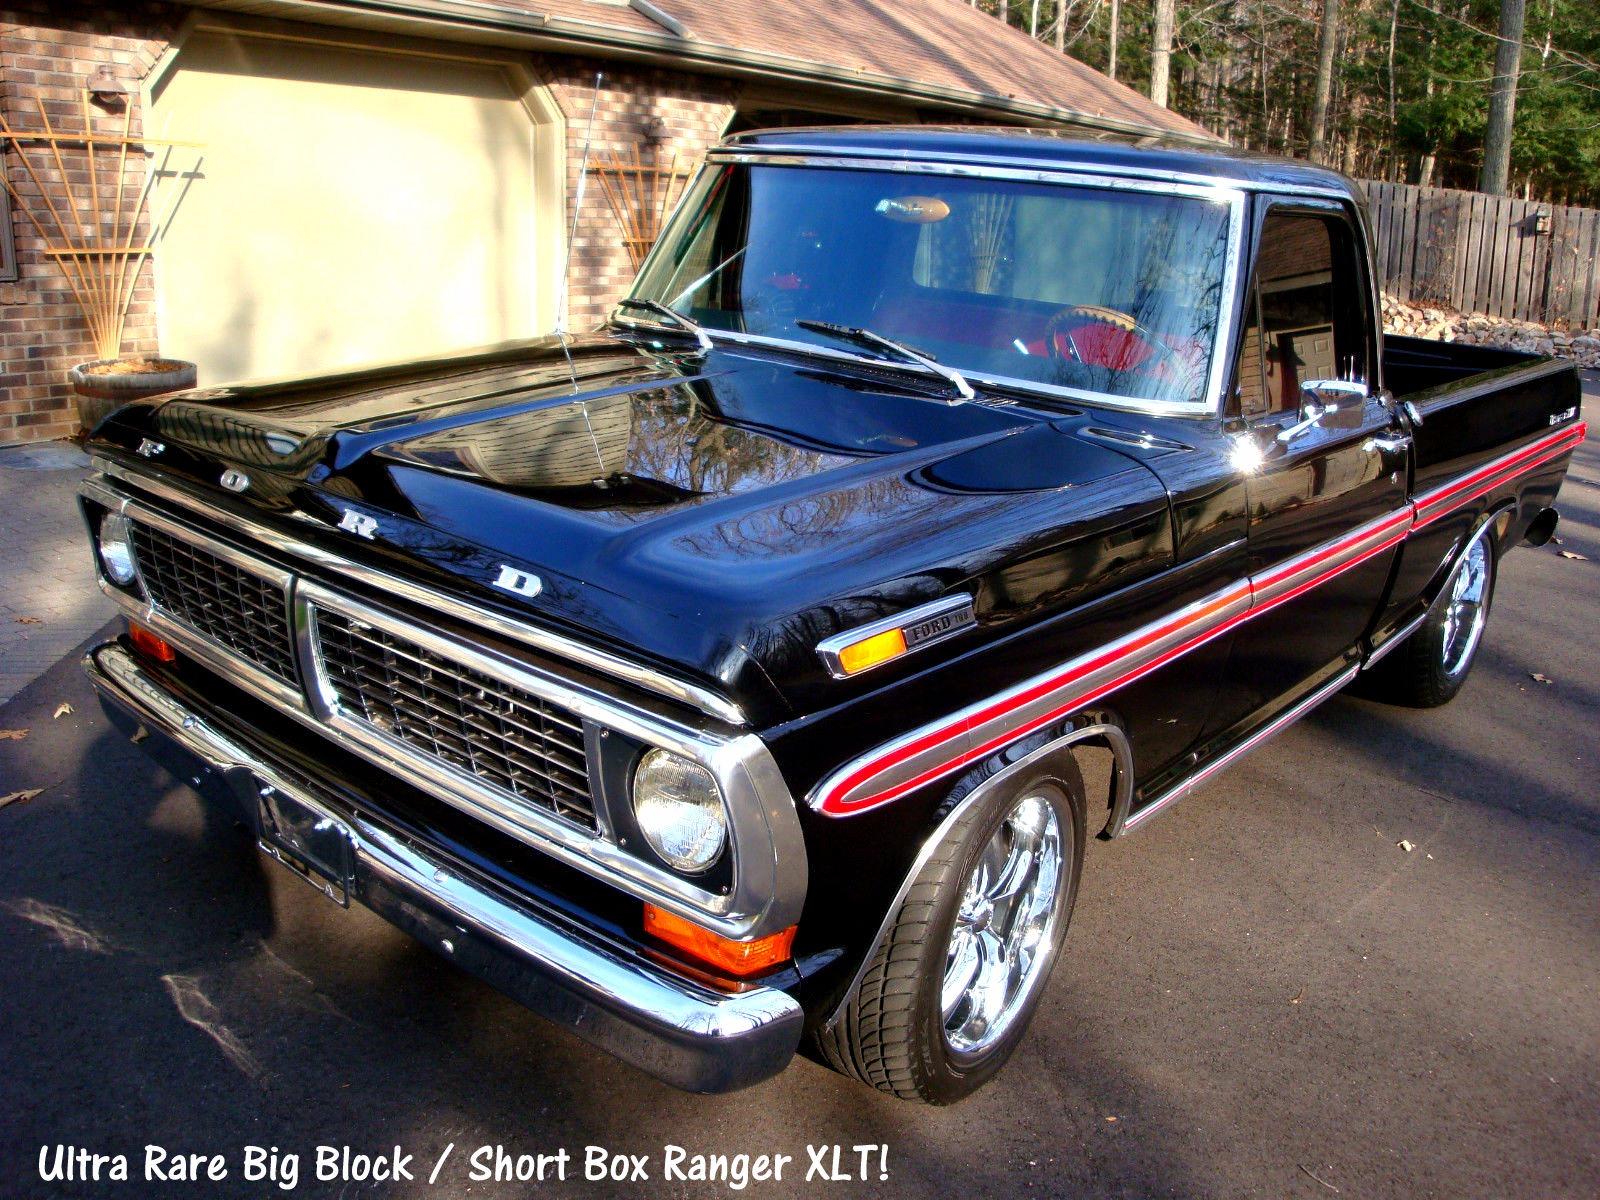 1970 ford f100 price drop ranger xlt short box. Black Bedroom Furniture Sets. Home Design Ideas